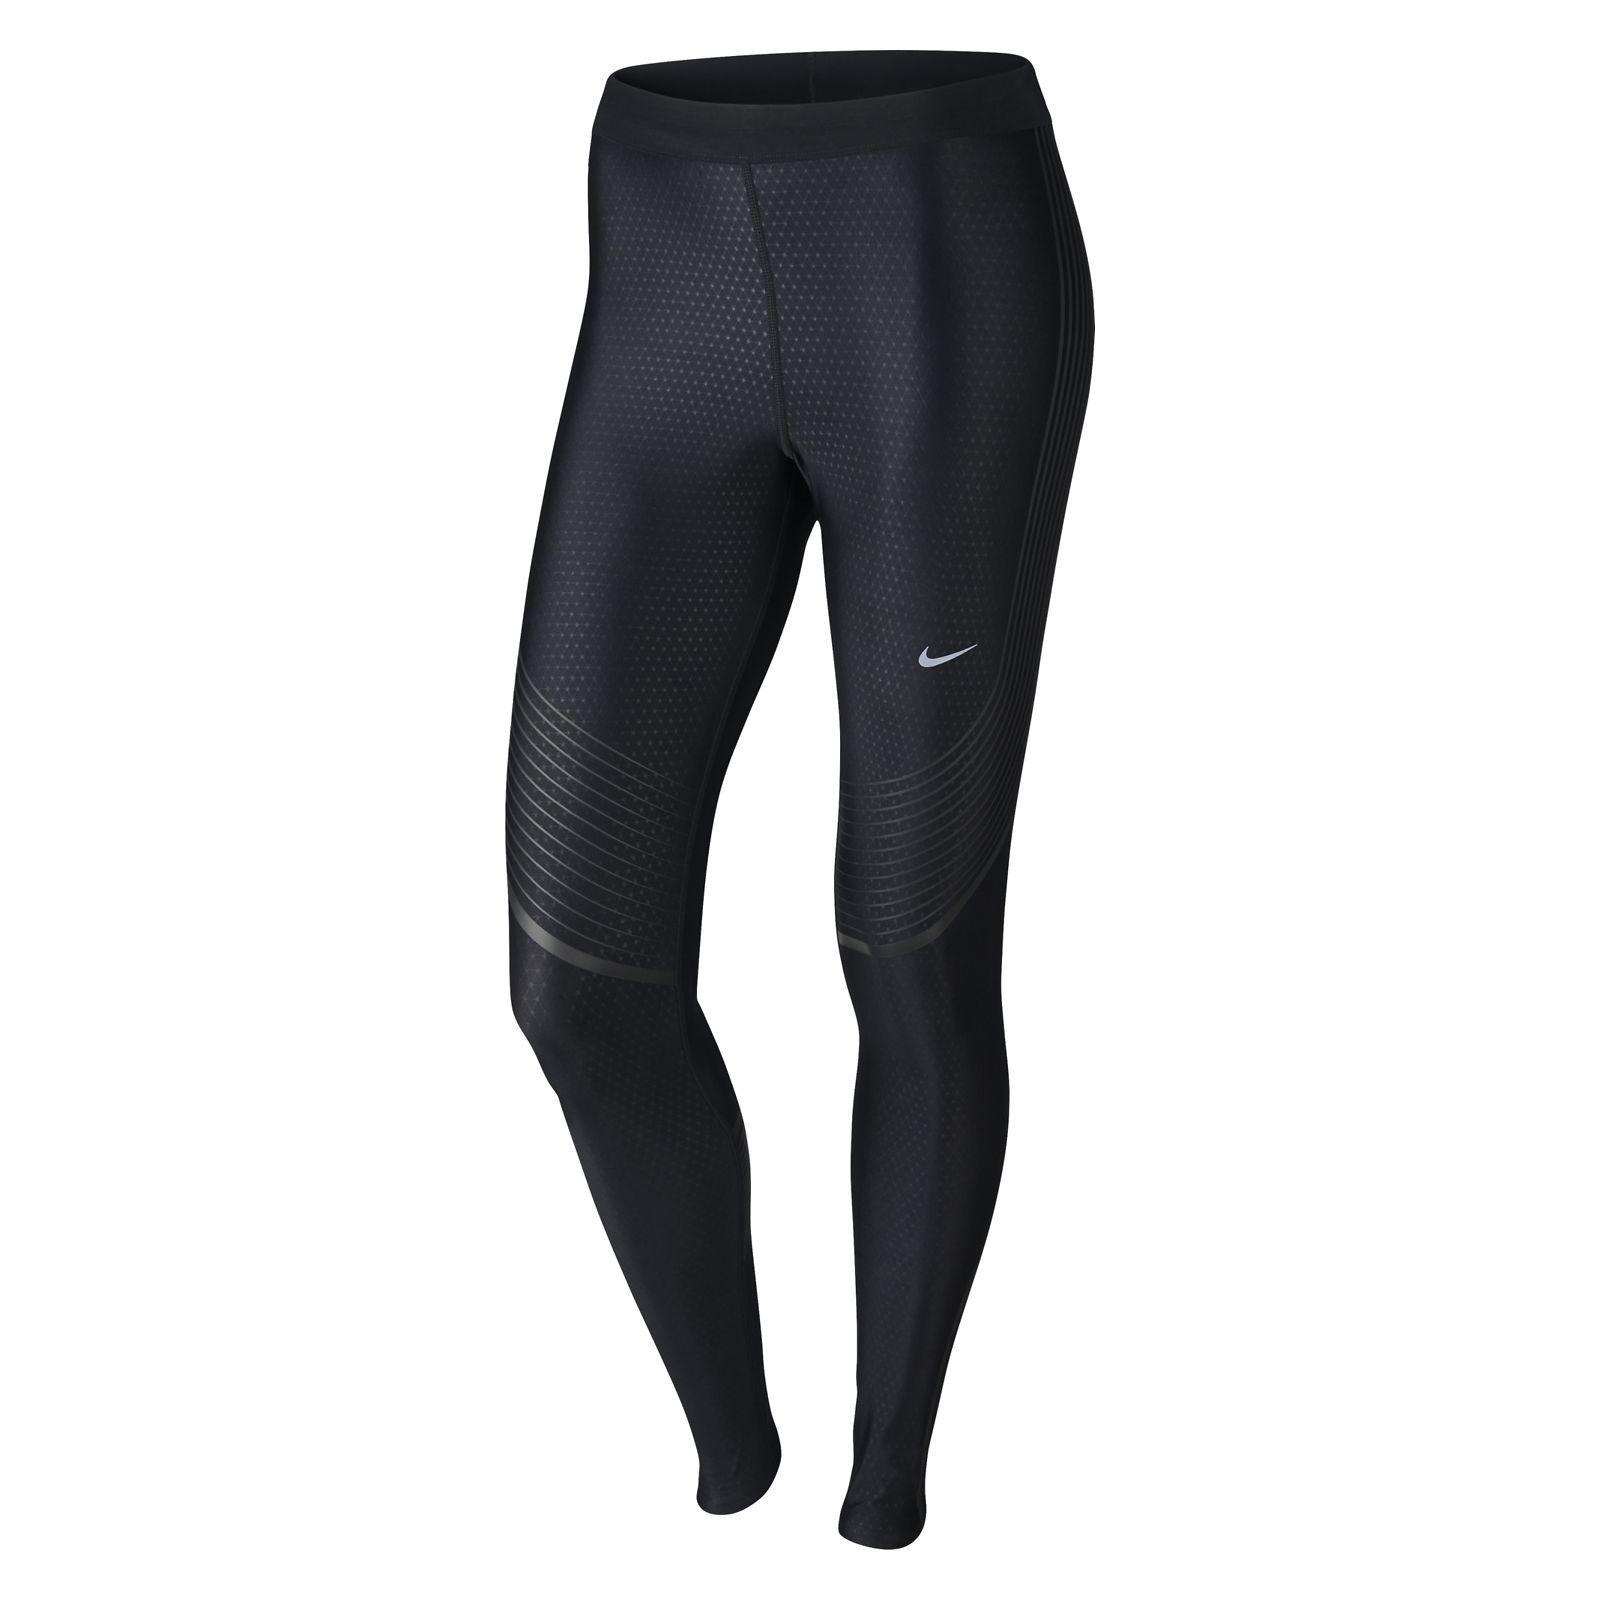 Spodnie Nike Power Speed W 719784